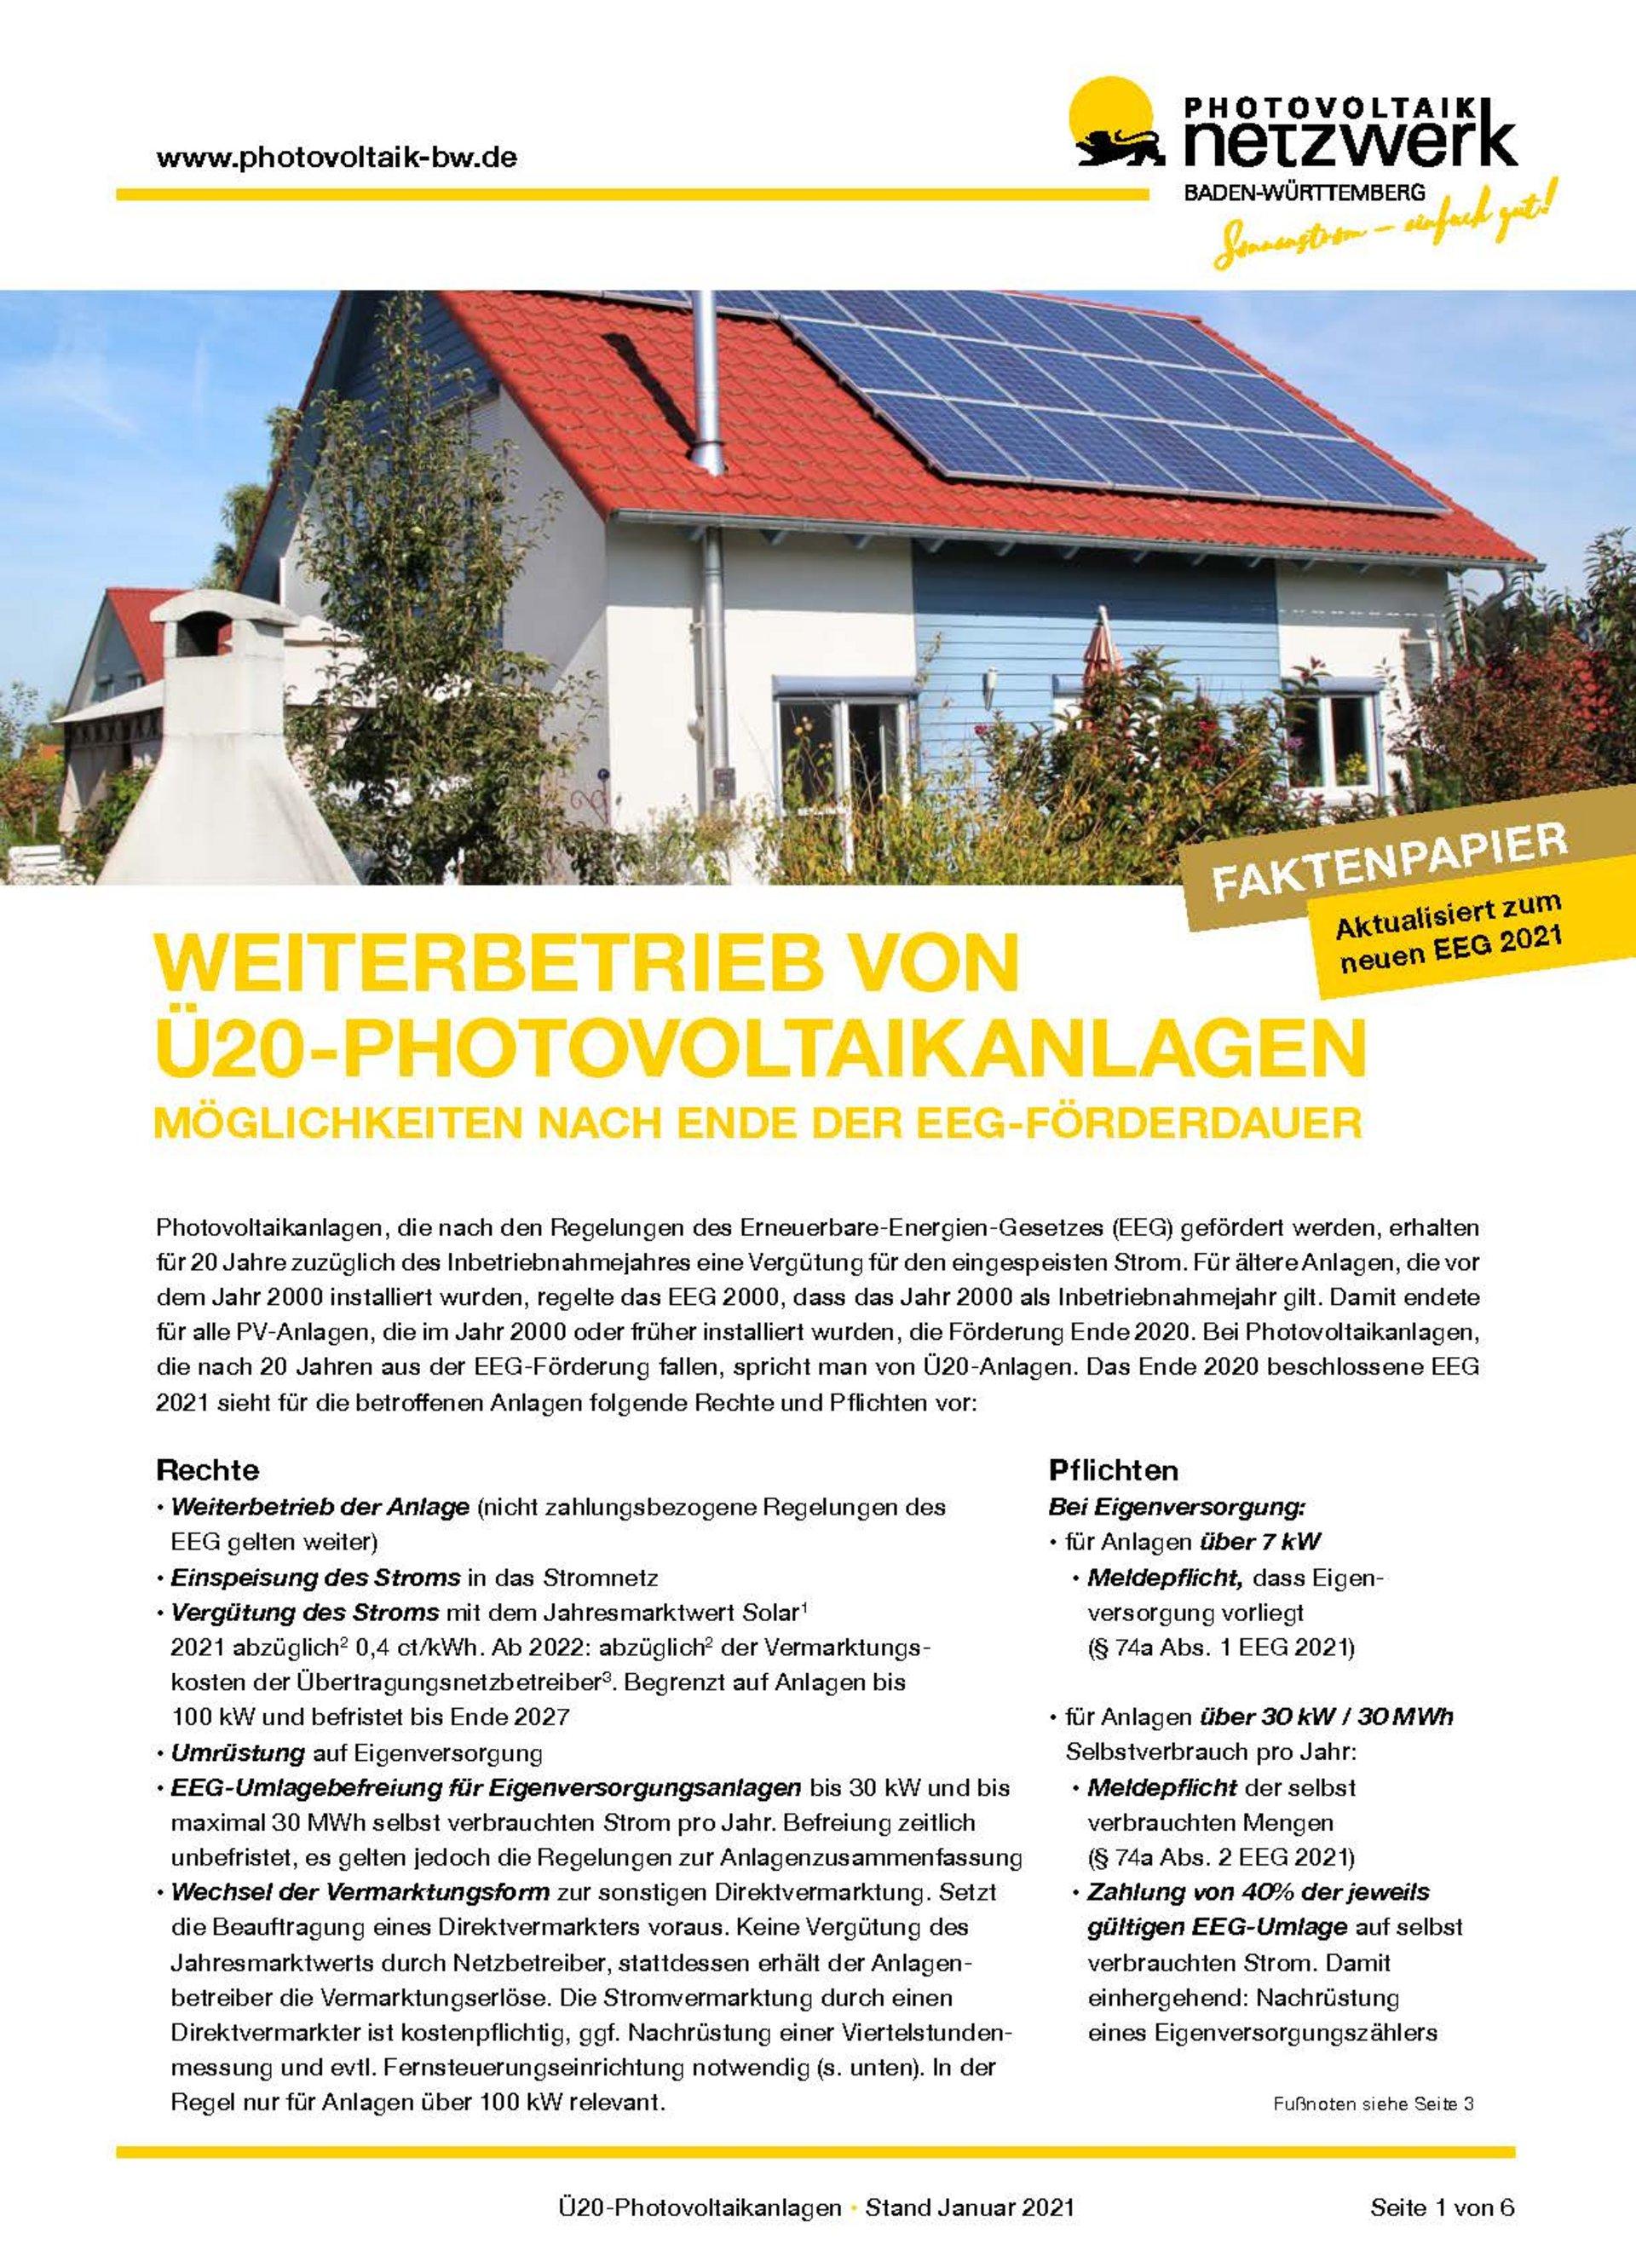 Faktenpapier Weiterbetrieb von Ü20-Photovoltaikanlagen EEG2021